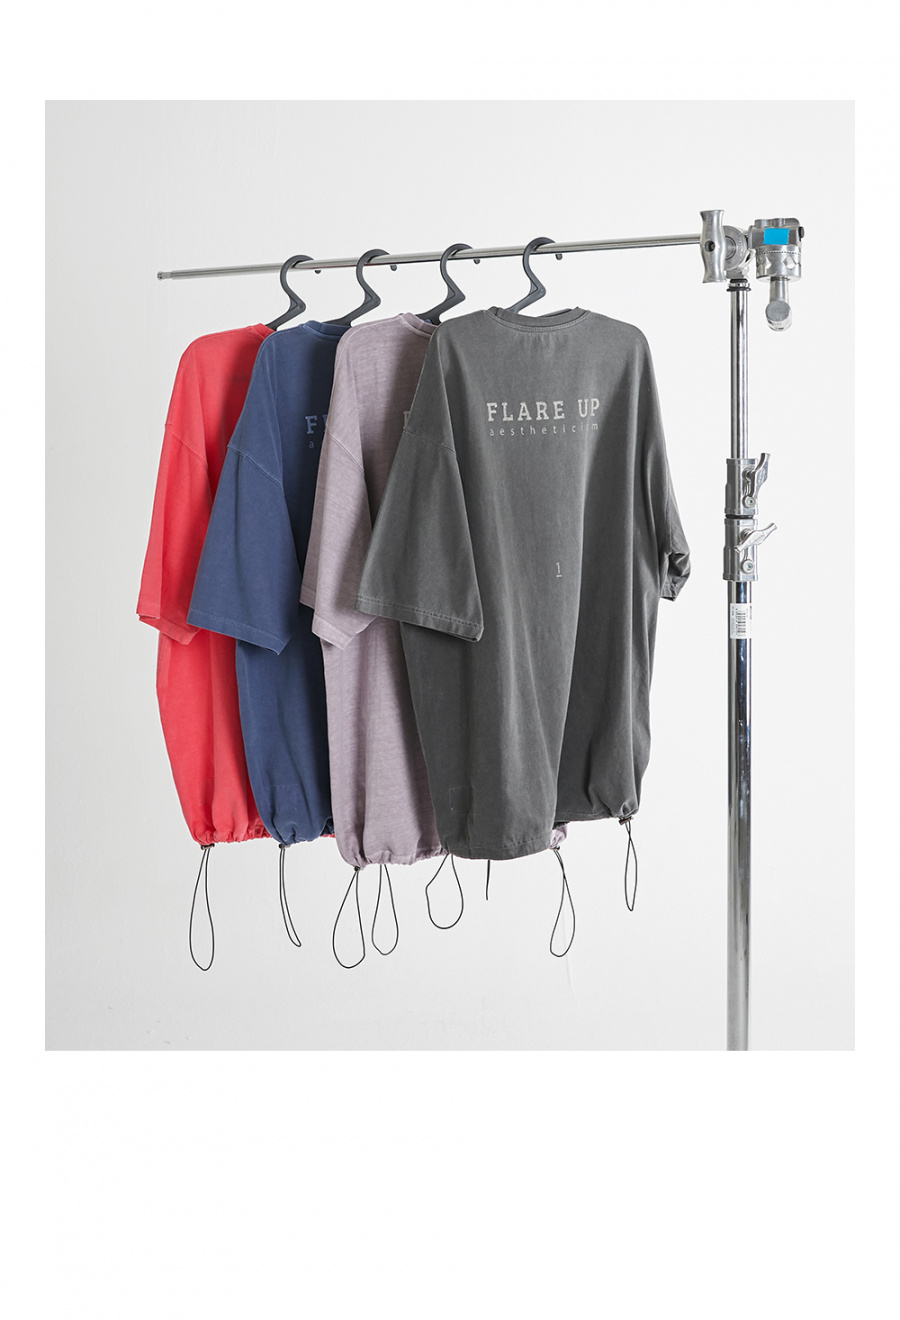 플레어업(FLAREUP) 리버시블 피그먼트 스트링 오버핏 티셔츠 - 네이비 블루 (FU-141)